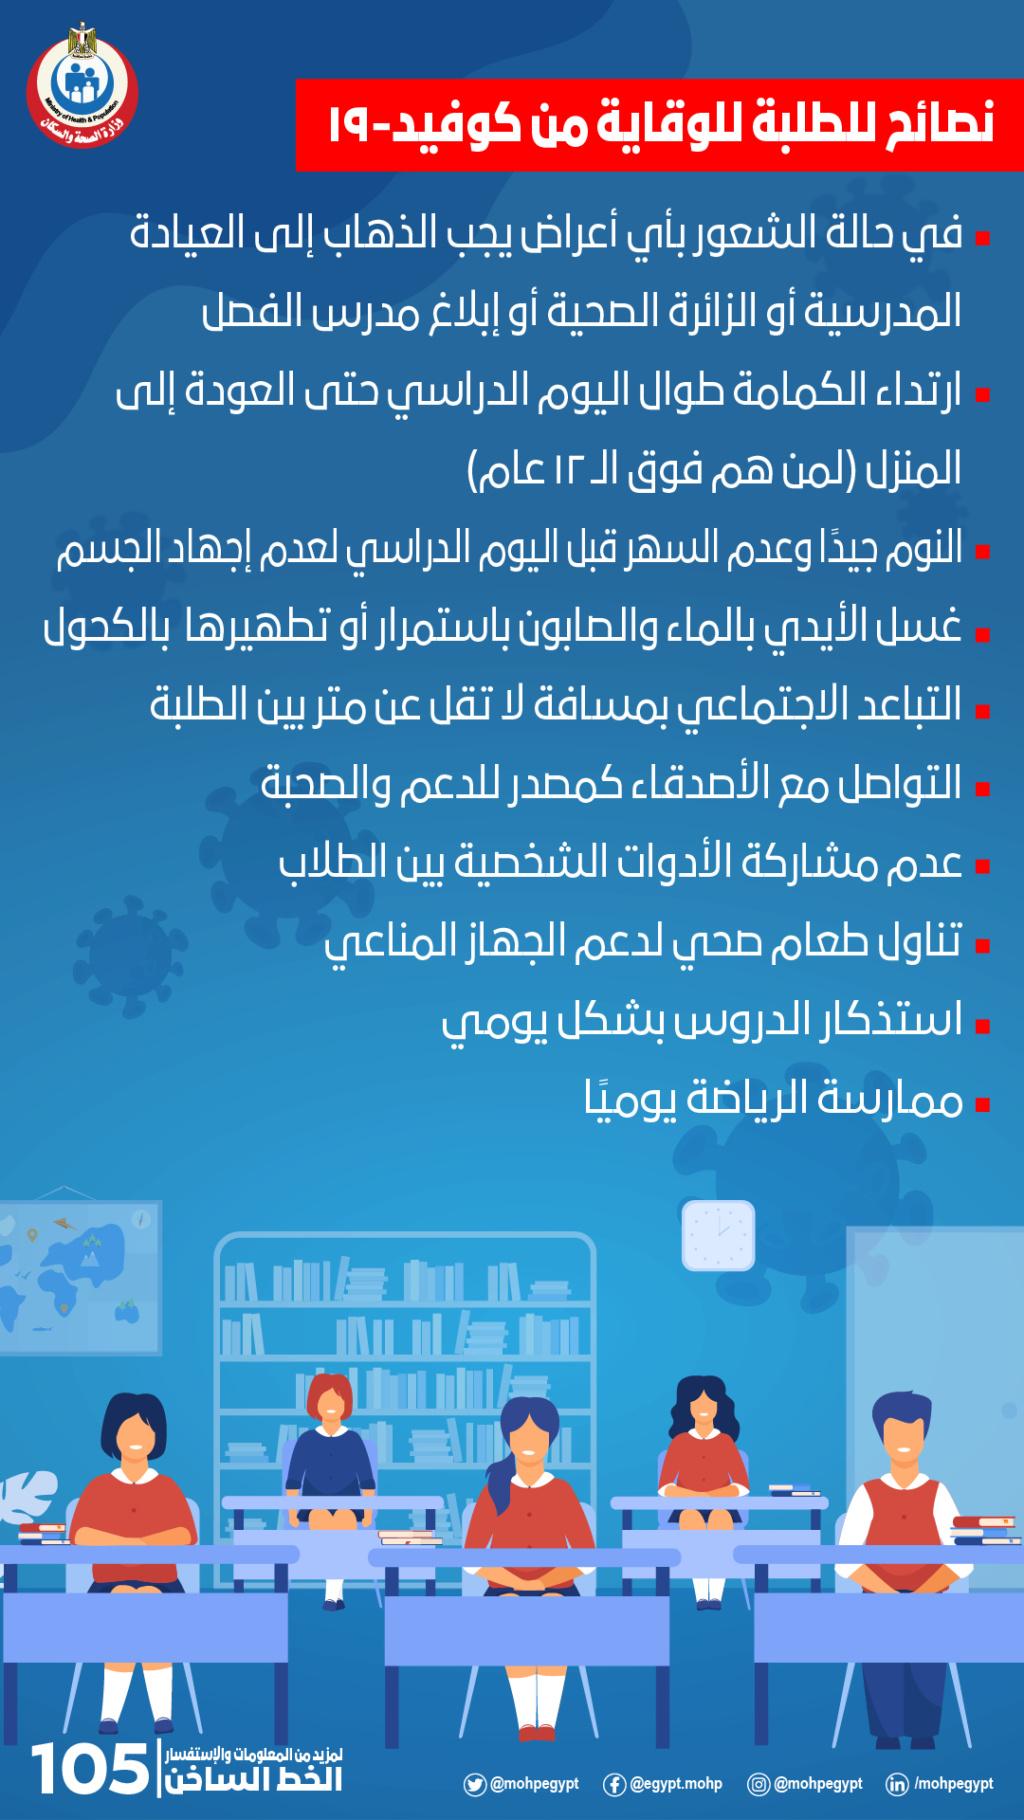 كيف يحمي الطلاب أنفسهم من فيروس كورونا؟ .. وزير التعليم يُجيب  41140